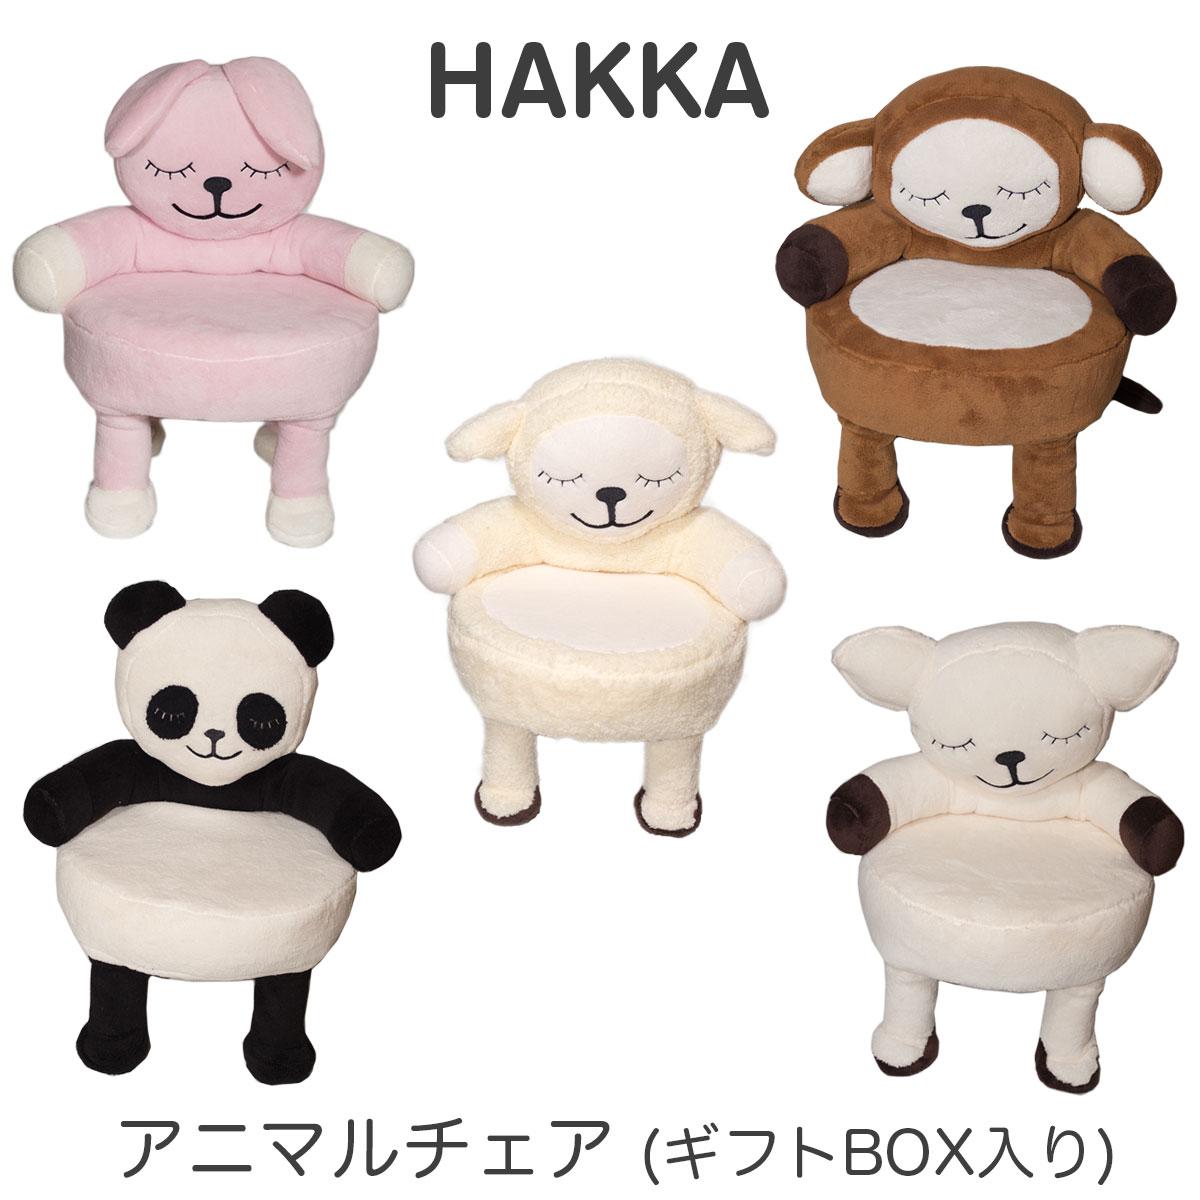 【リボンハッカ】 イス アニマルチェア 専用ギフトボックス入りRibbon HAKKA オリジナルアニマルパイルチェア プレゼント 出産祝い に人気 [hakka kids(ハッカキッズ) / hakka baby(ハッカベビー)] かわいい動物(チワワ サル パンダ ウサギ ヒツジ)の子供用椅子